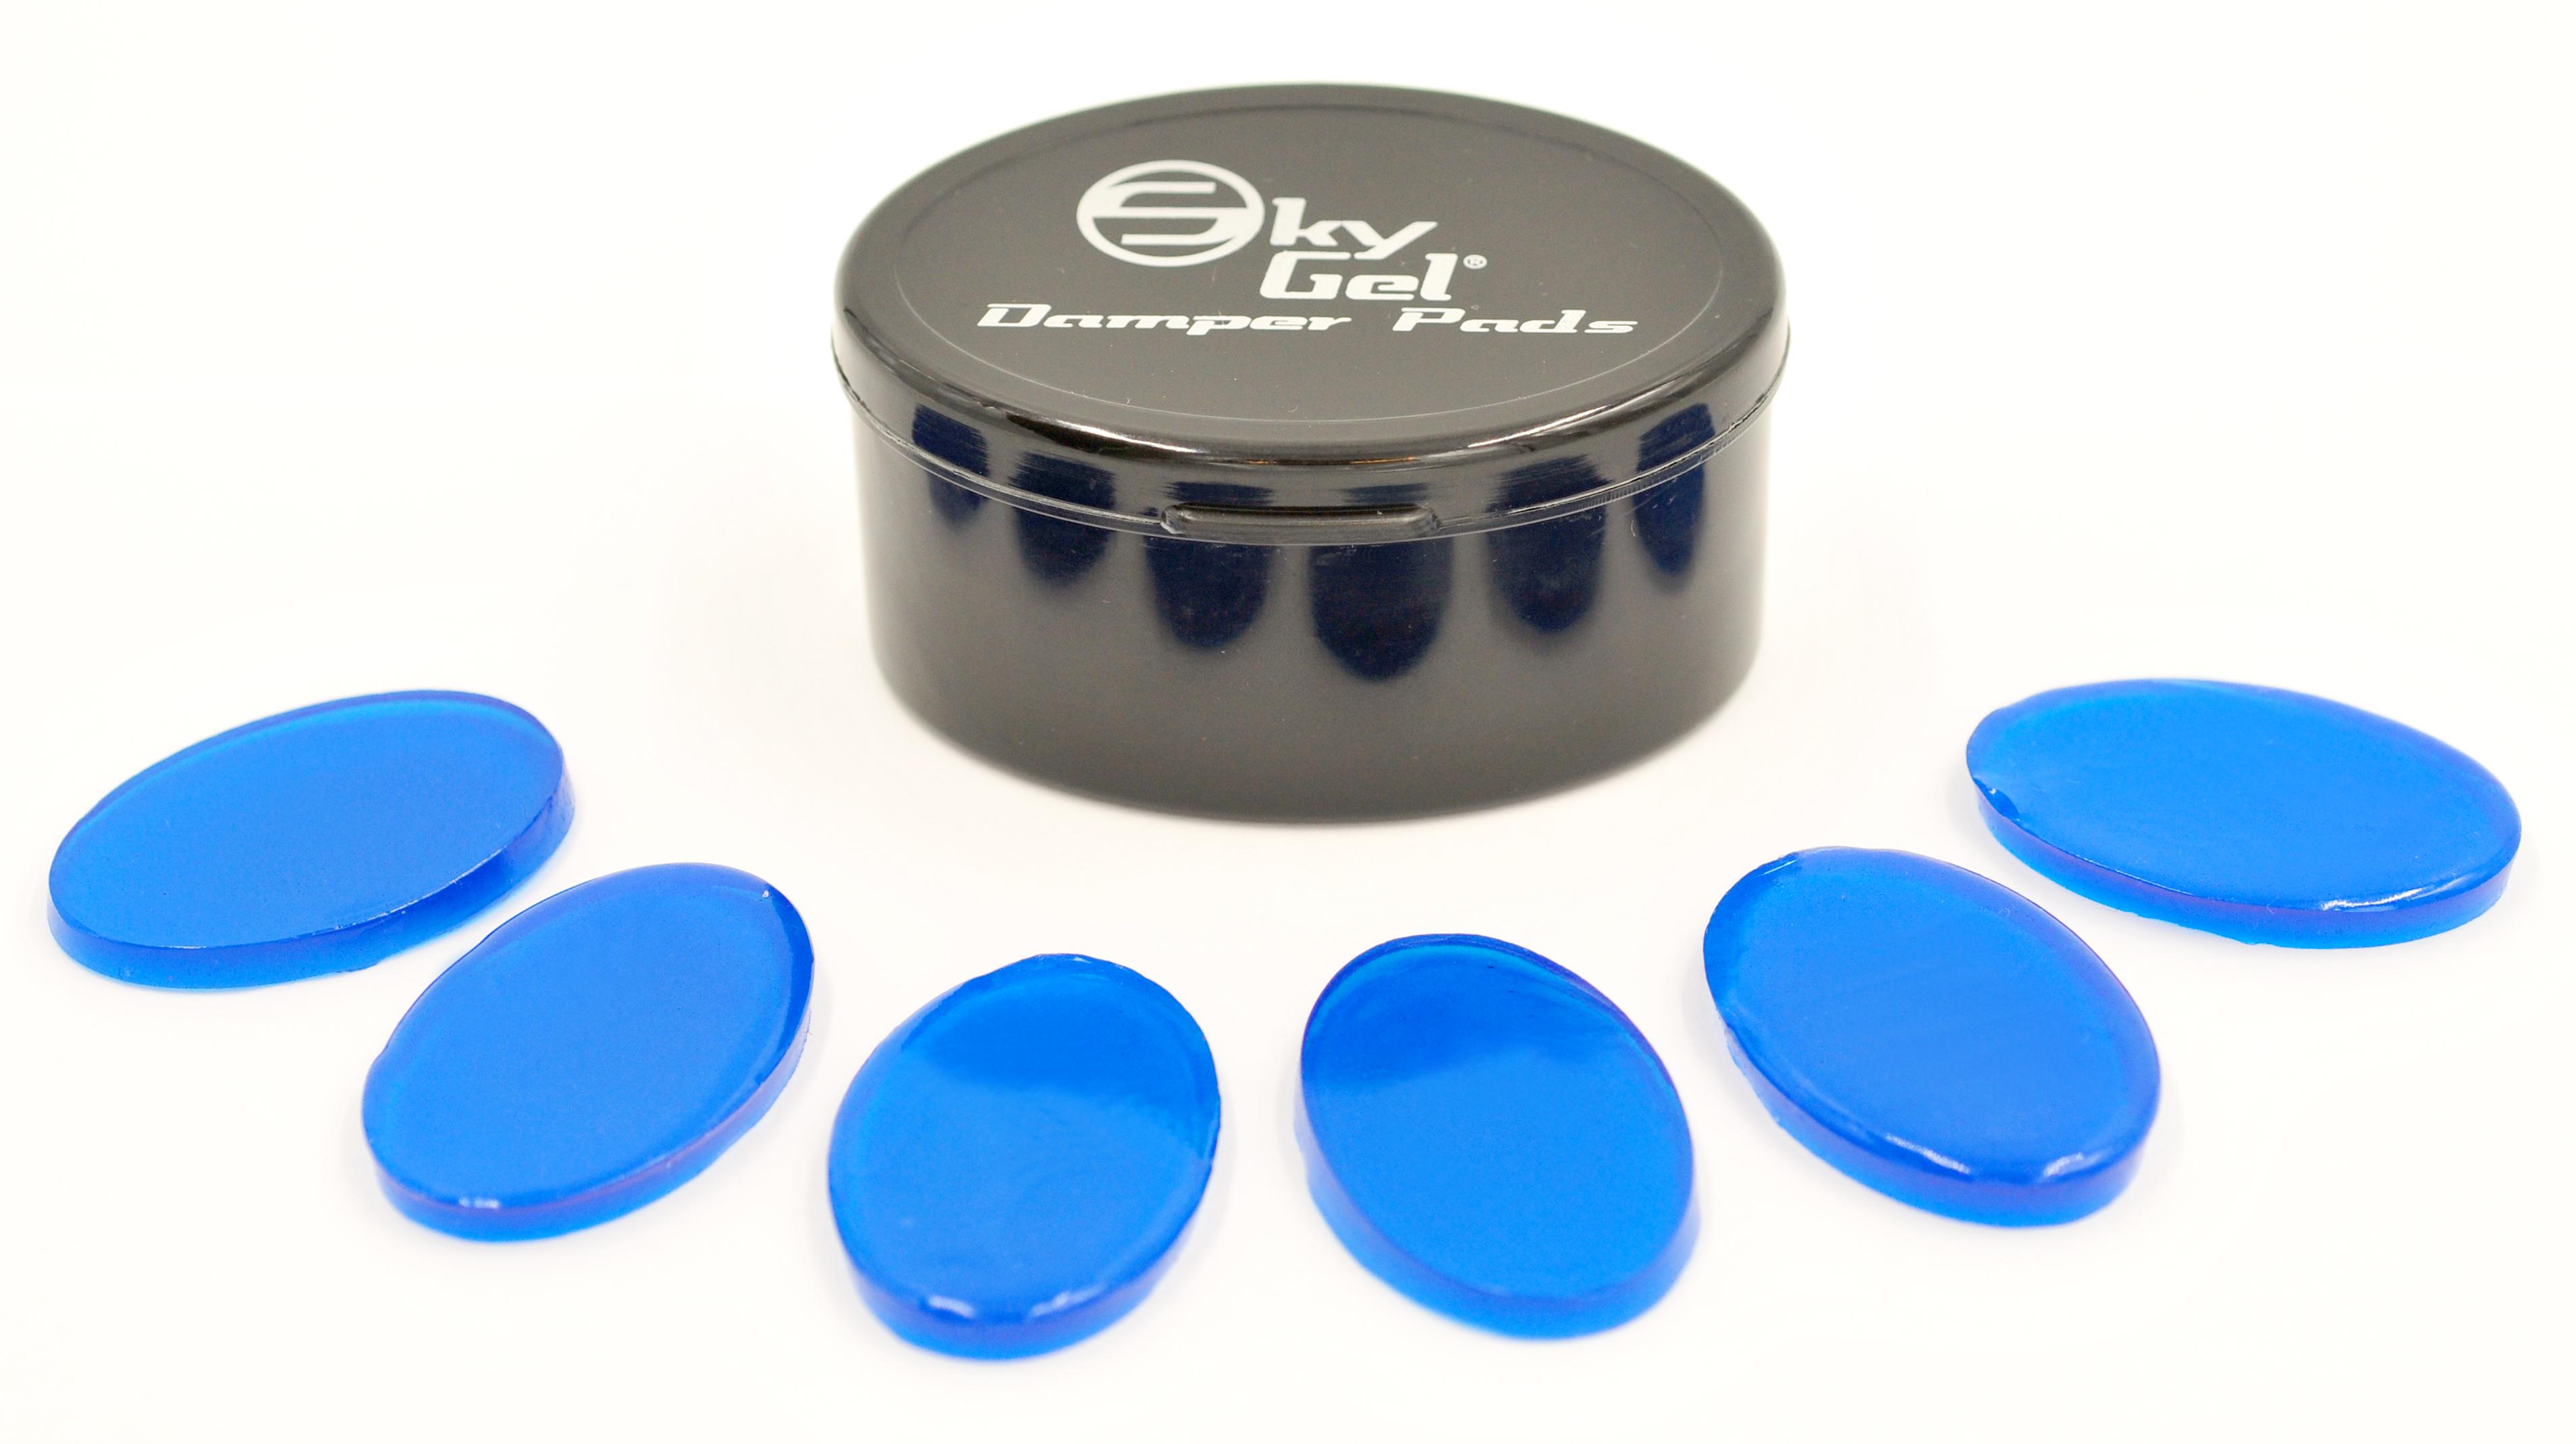 SkyGel Crystal Blue